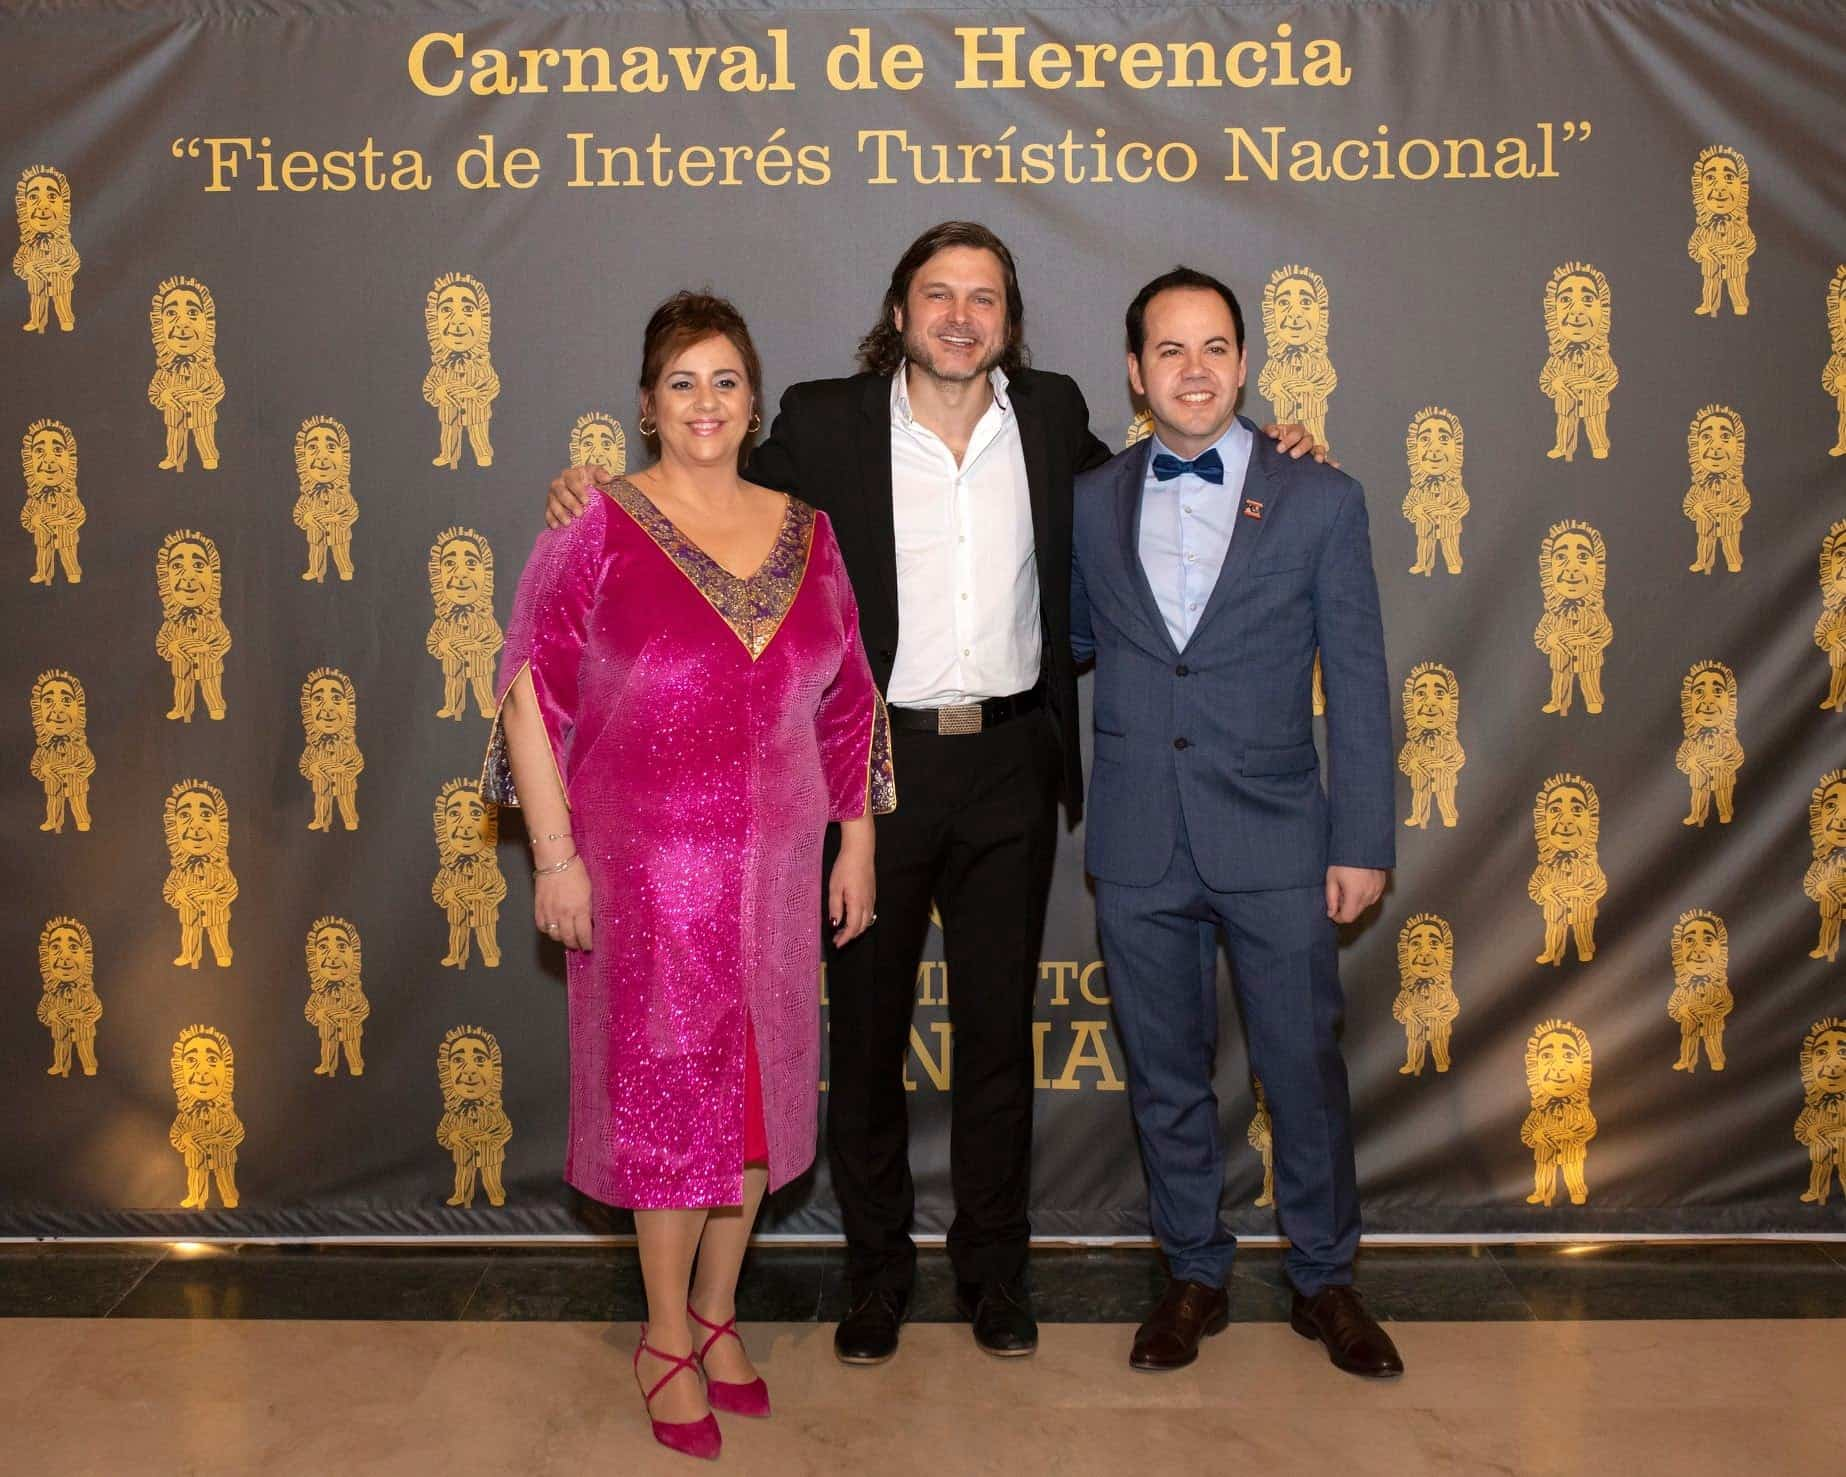 Inauguración del Carnaval de Herencia 2020 115